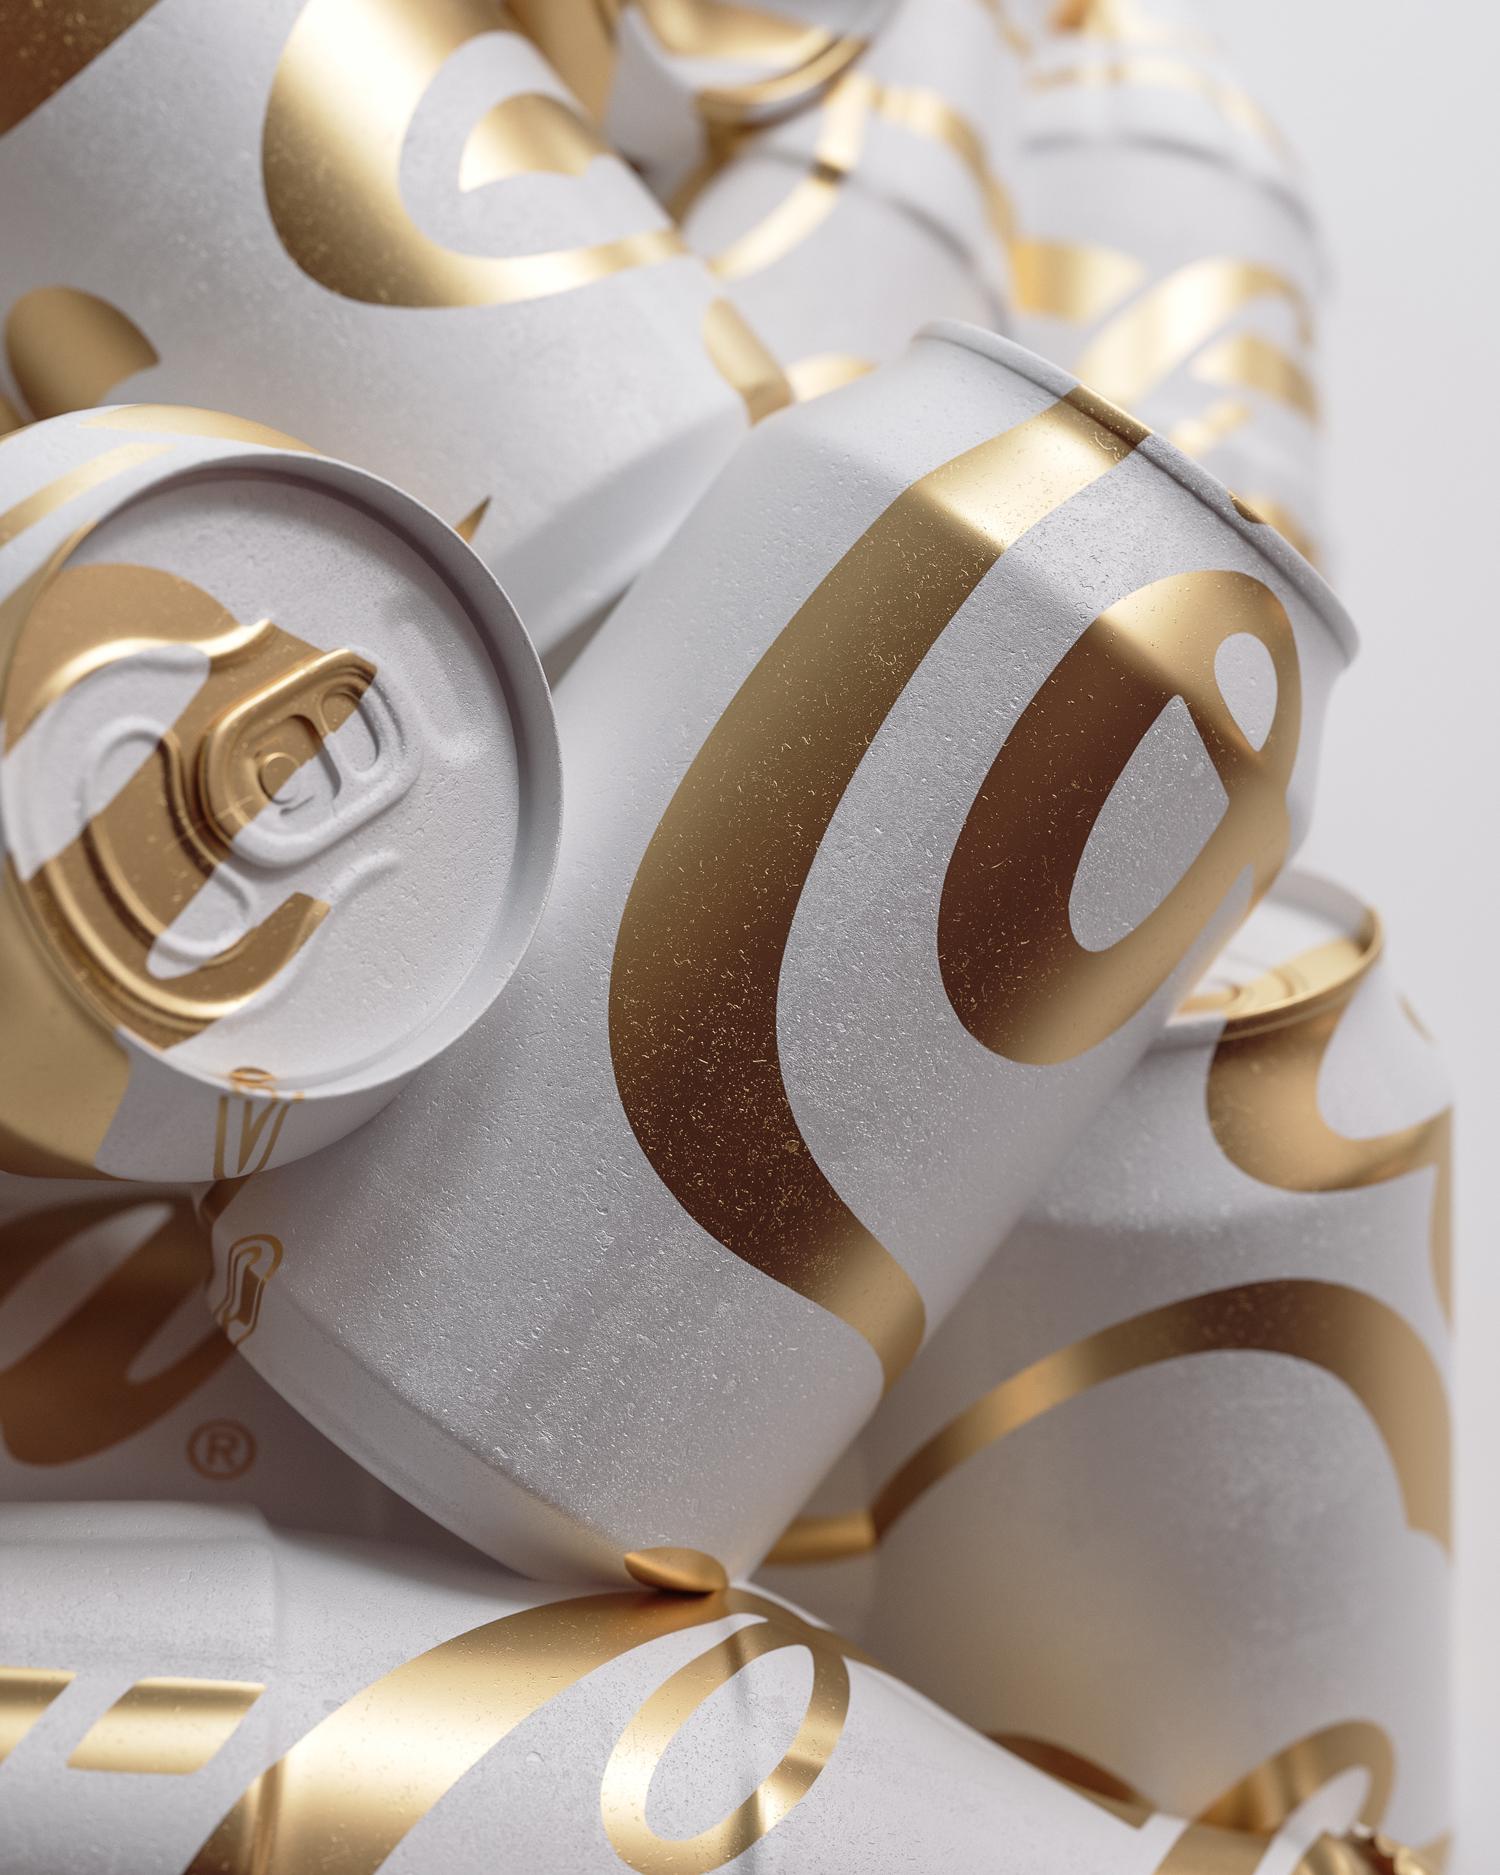 AnamorphicSculptures_CocaCola_Ben-Fearnley-DOF-02.jpg